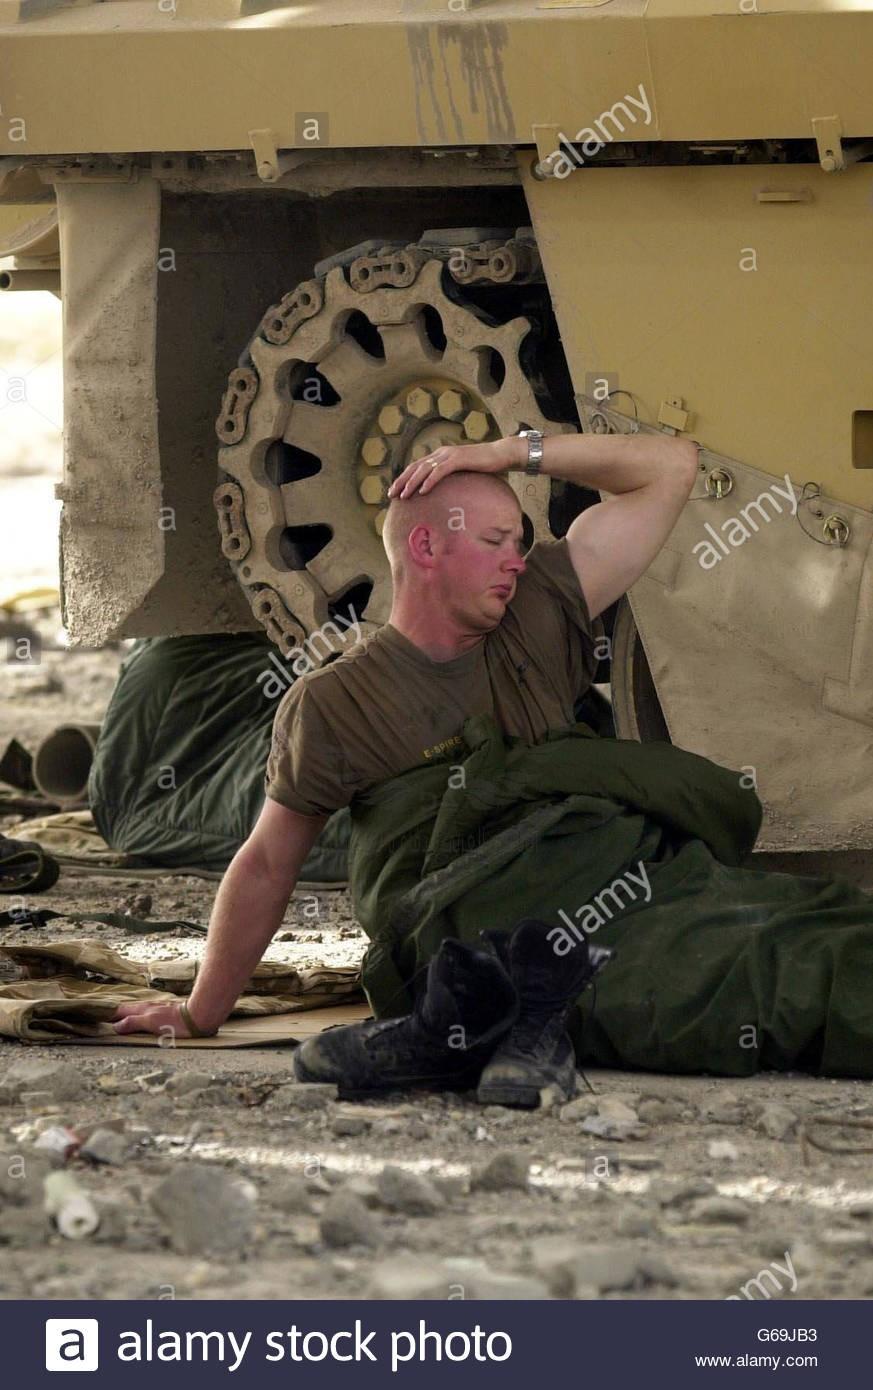 iraq-war-challenger-ii-tank-crew-G69JB3.jpg